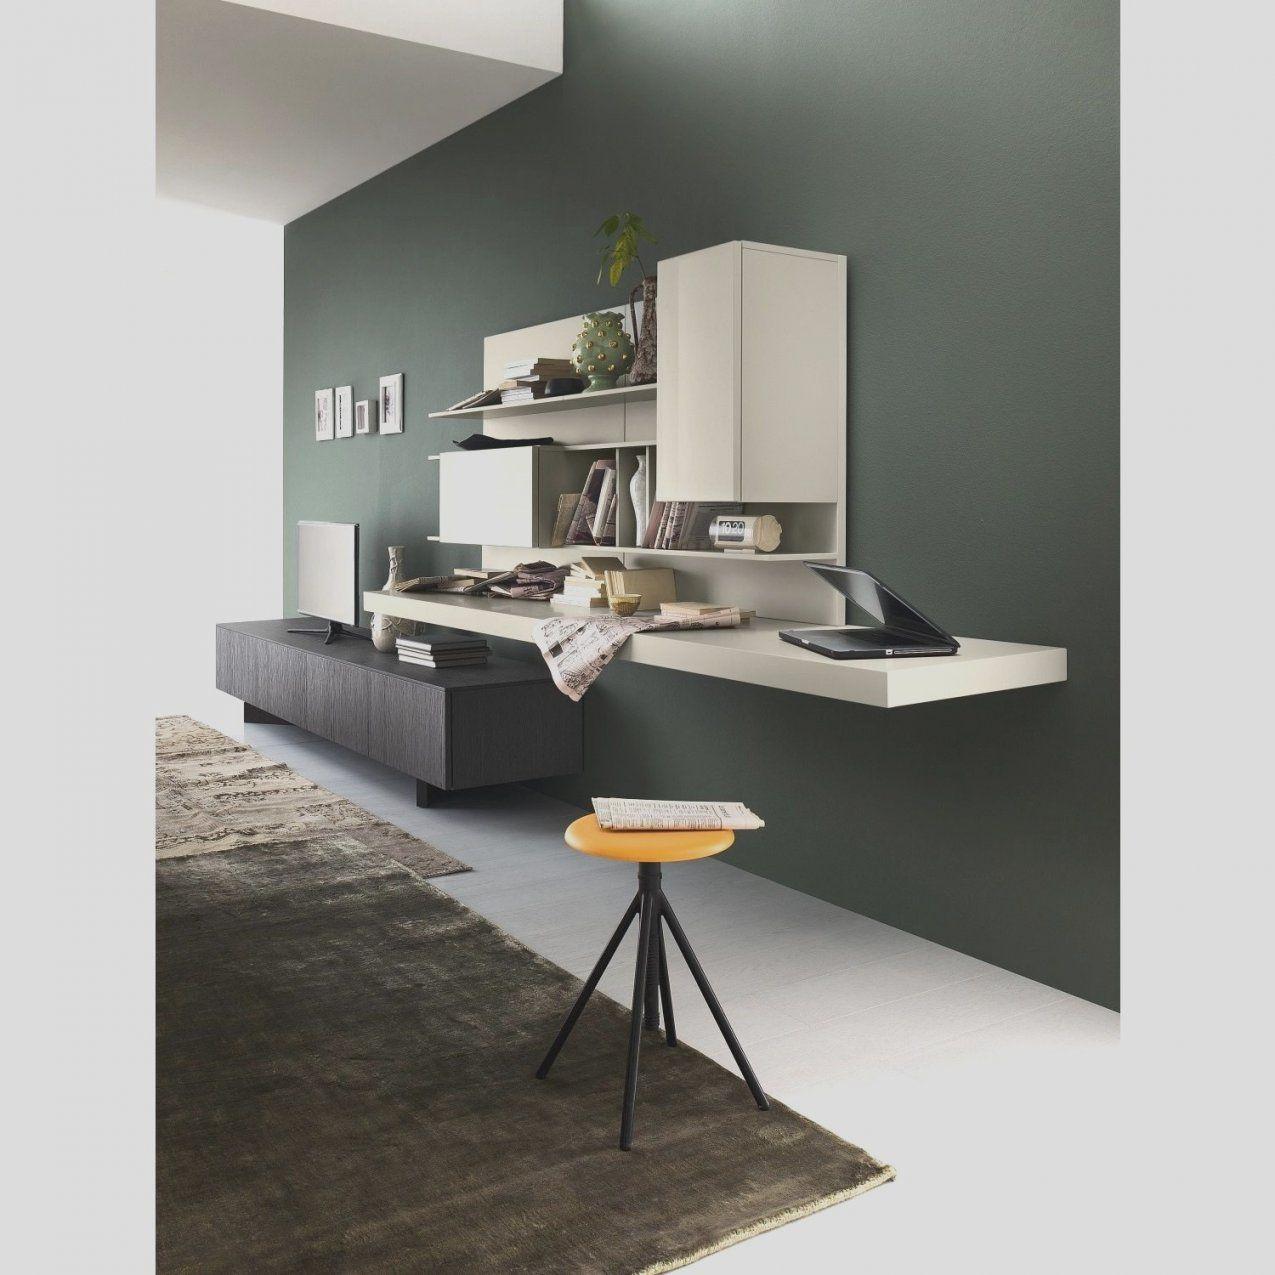 38 Schreibtisch Für Wohnzimmer  Haus Ideen von Schrankwand Mit Integriertem Schreibtisch Photo